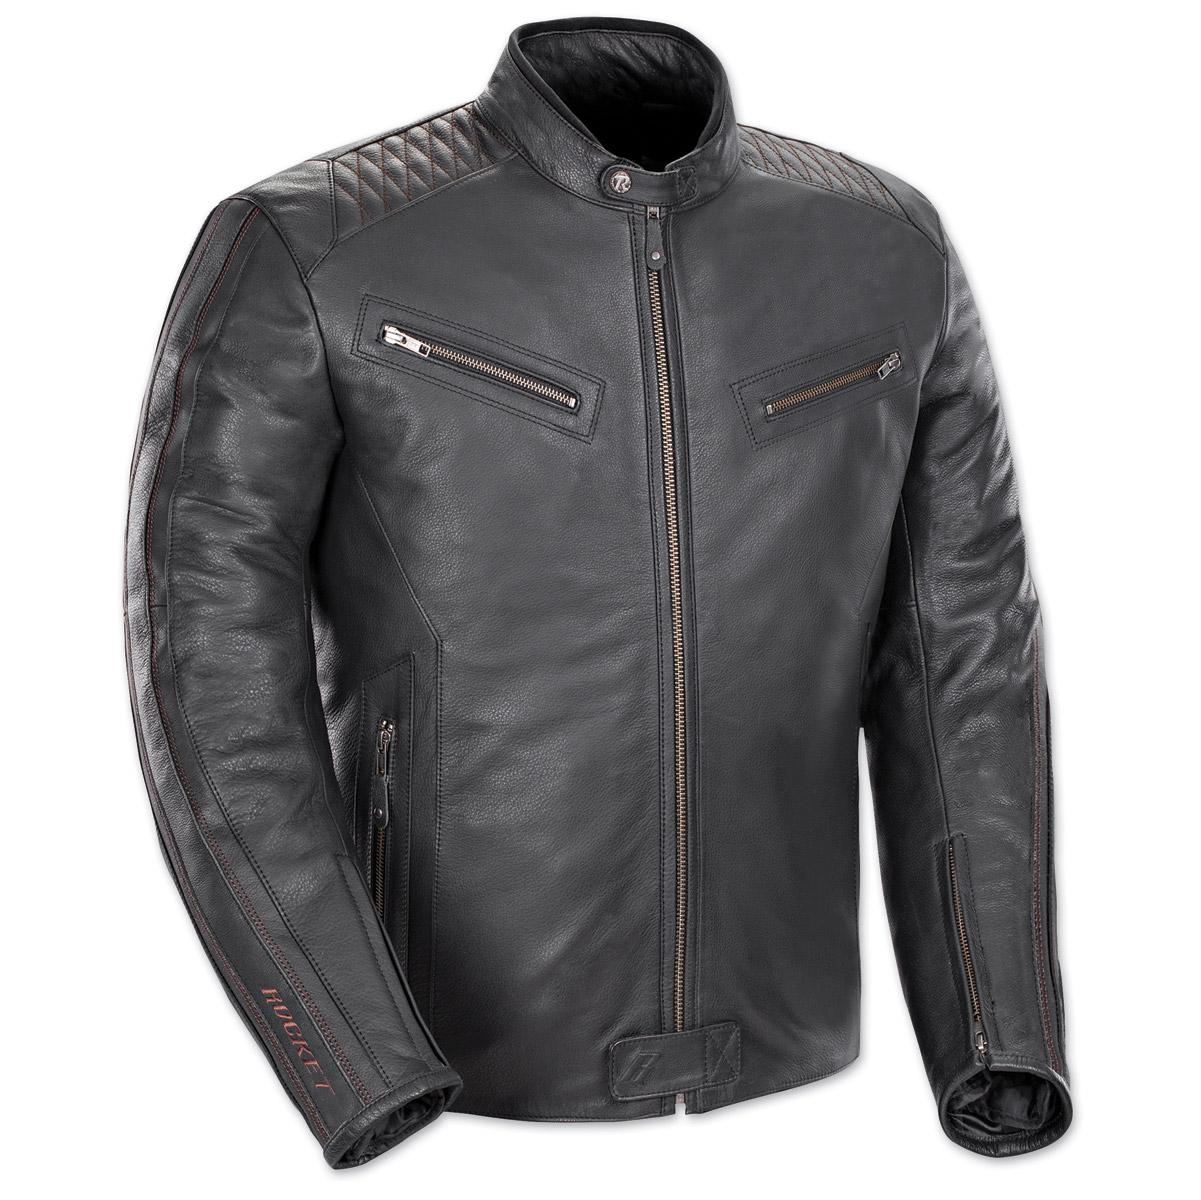 Joe Rocket Men's Vintage Rocket Black/Black Leather Jacket